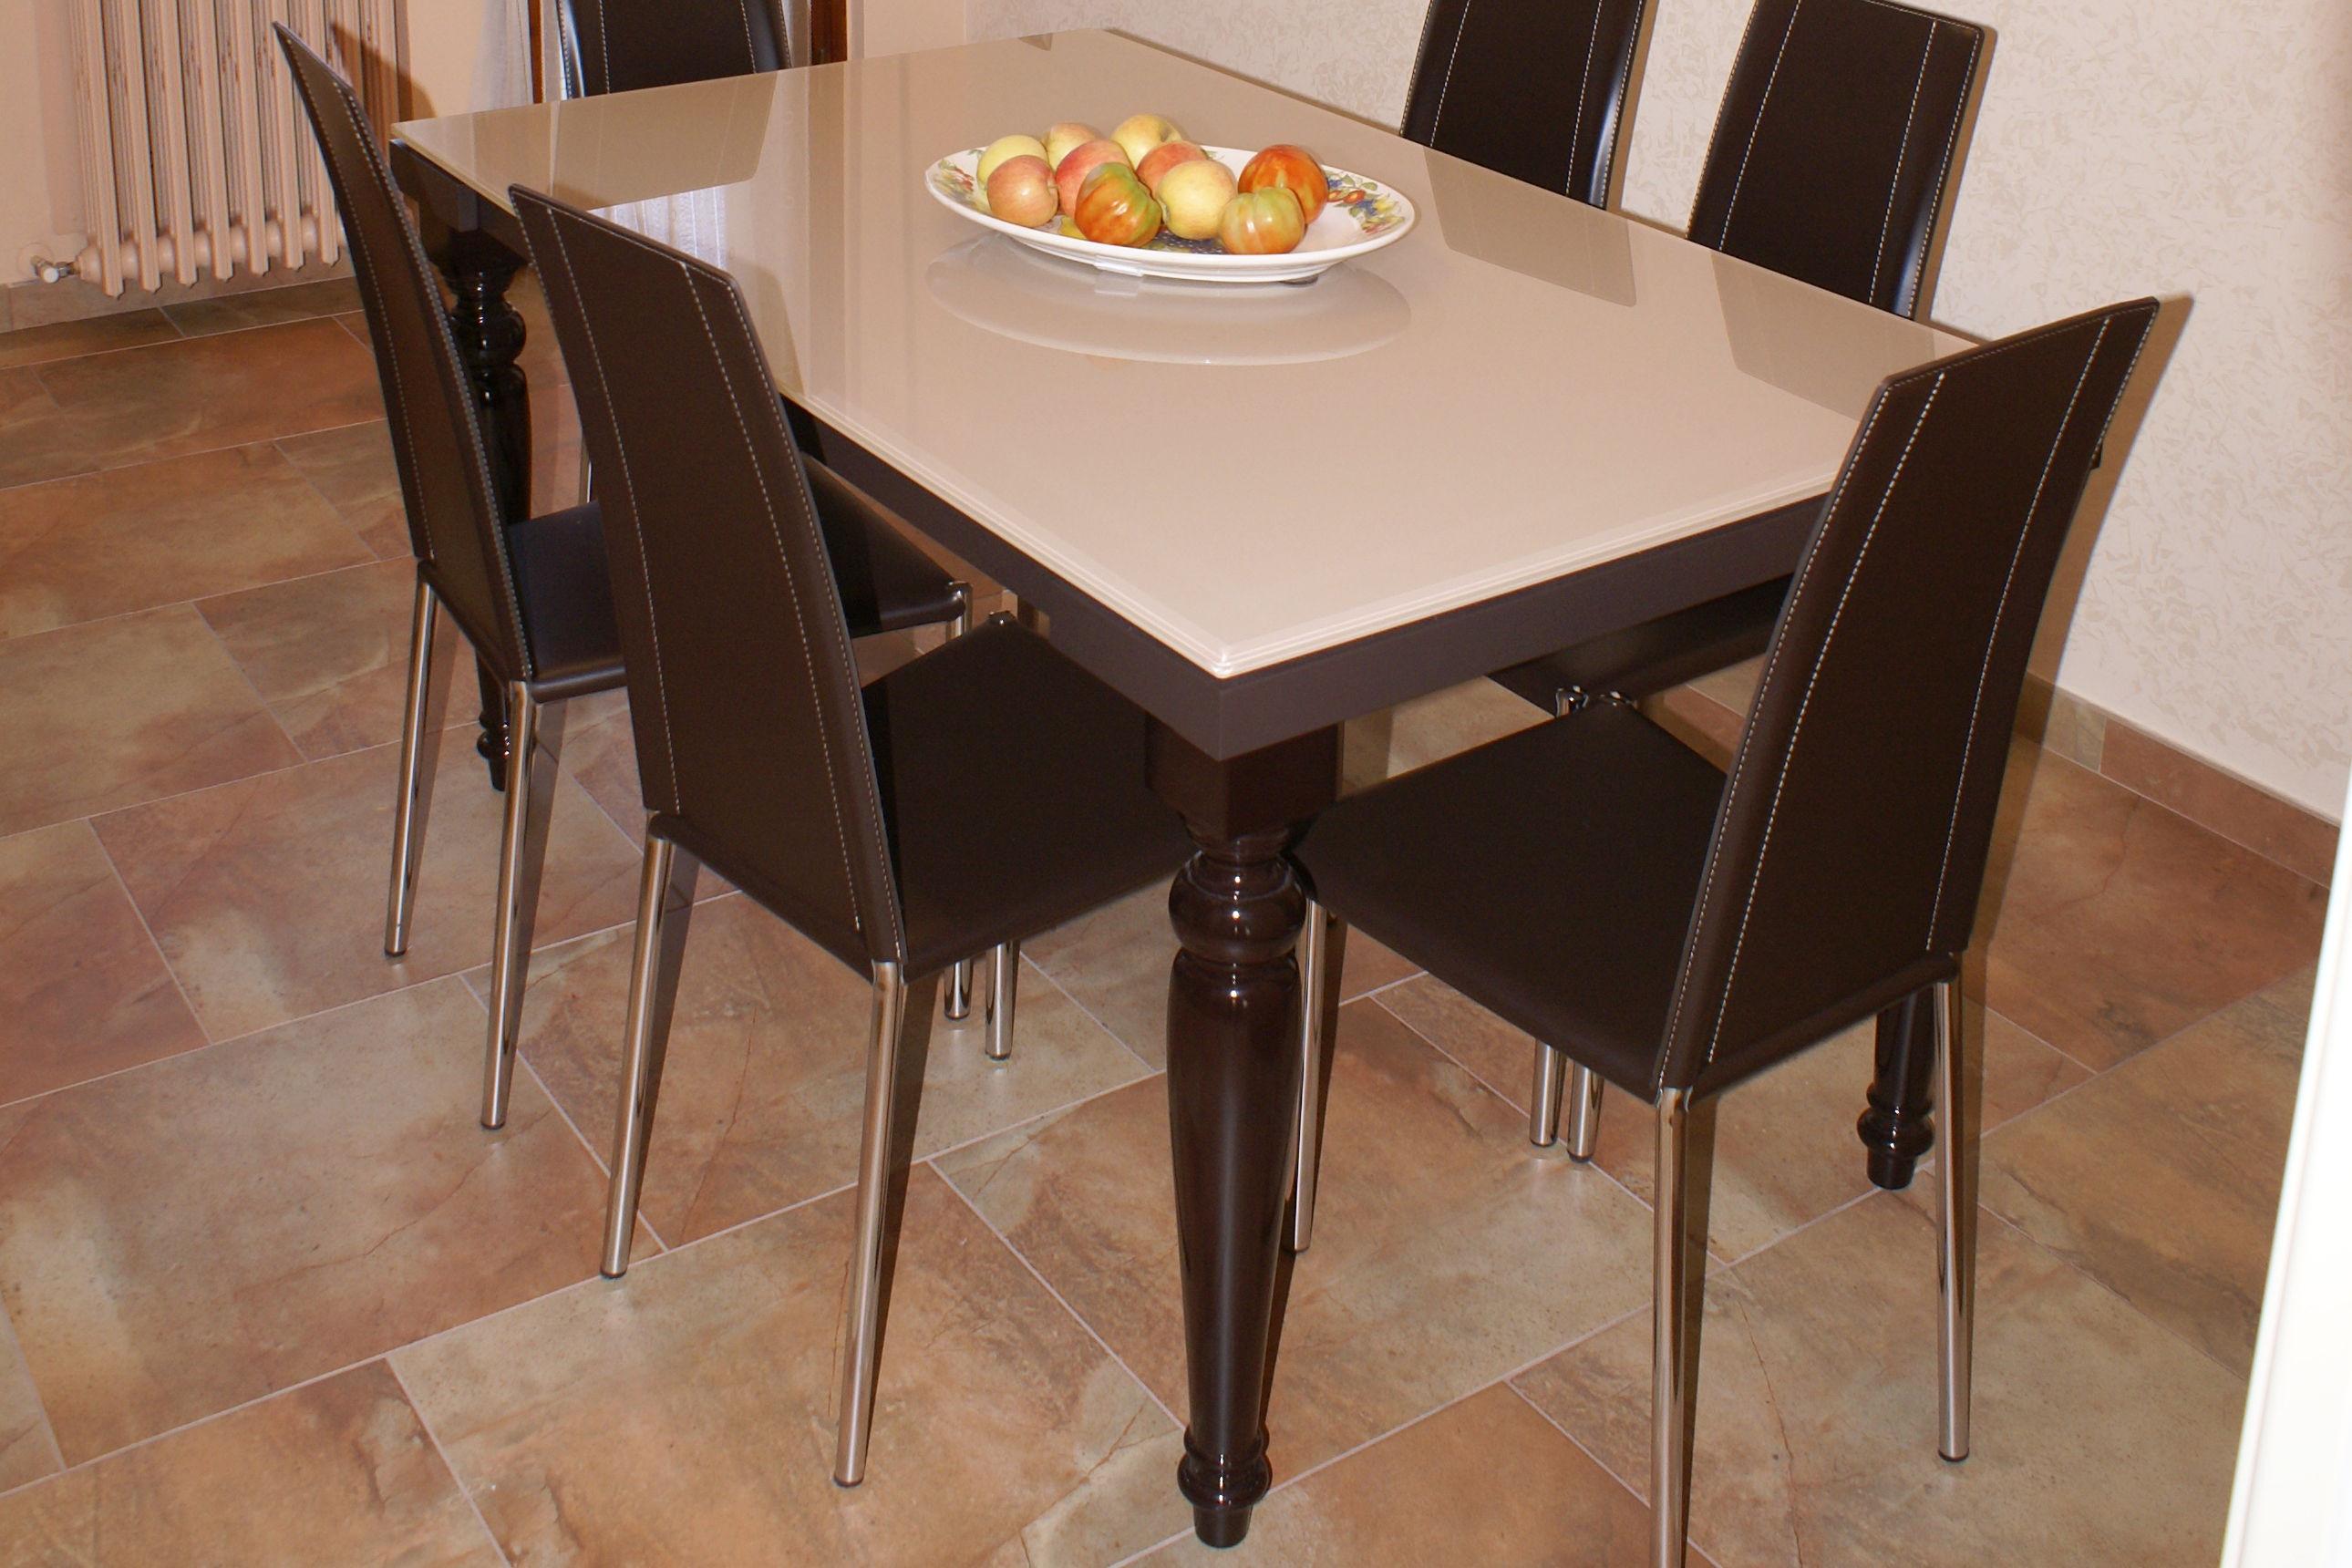 Tavoli e sedie classici mobili su misura a firenze lapi arredamenti - Deco mobili tavoli e sedie ...